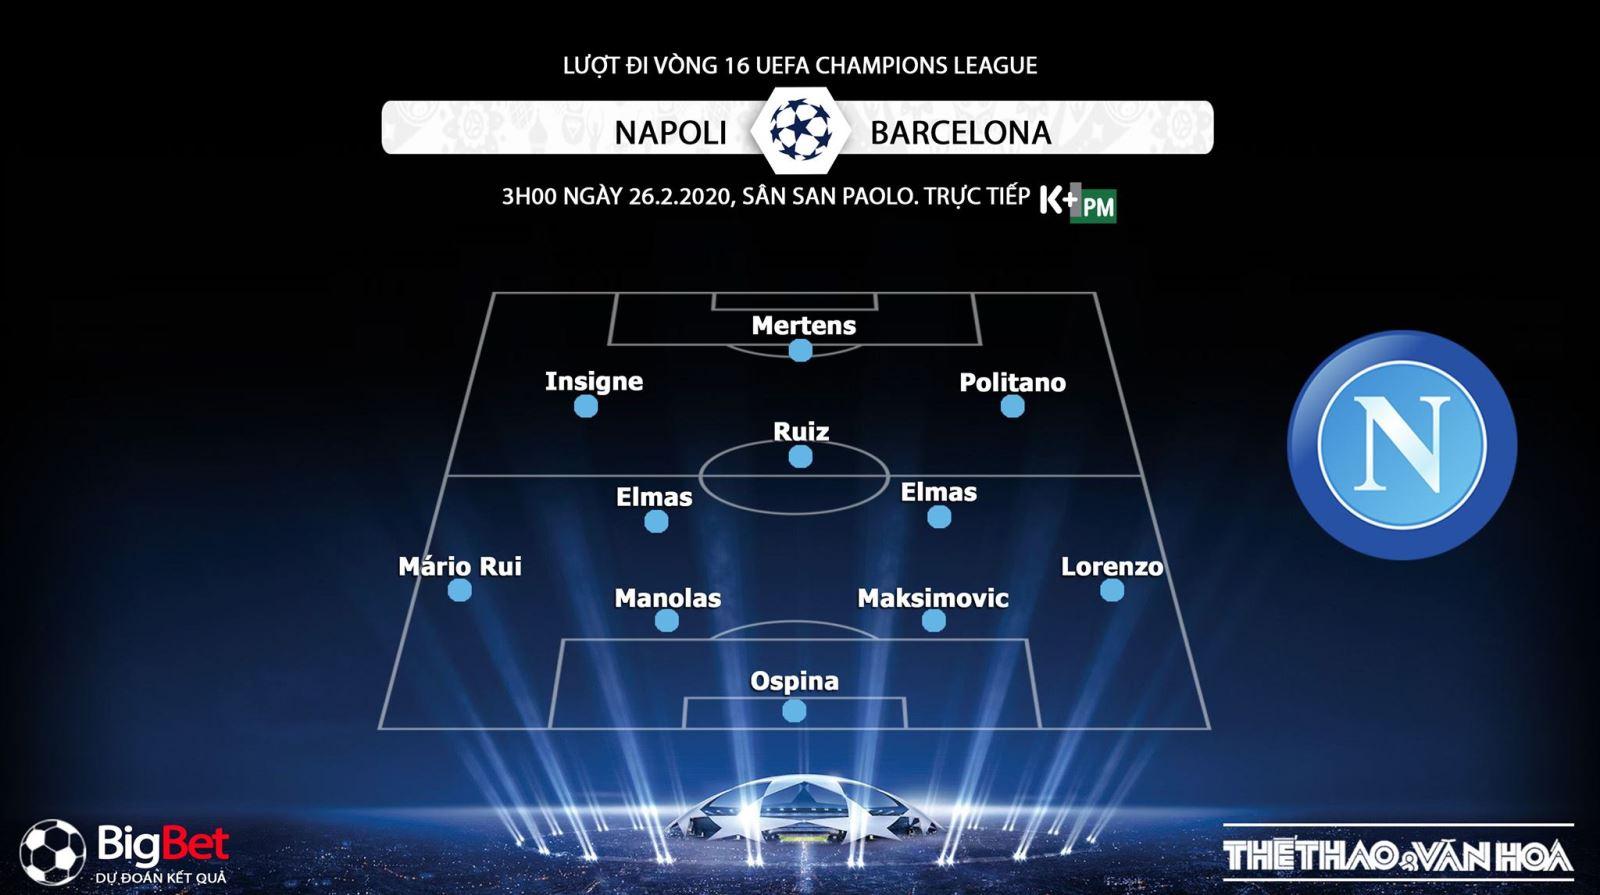 Napoli vs Barcelona, Barcelona, soi kèo, lịch thi đấu, Cúp C1, Champions League, trực tiếp bóng đá, K+PC, K+PM, nhận định Napoli vs Barcelona, dự đoán Napoli vs Barcelona